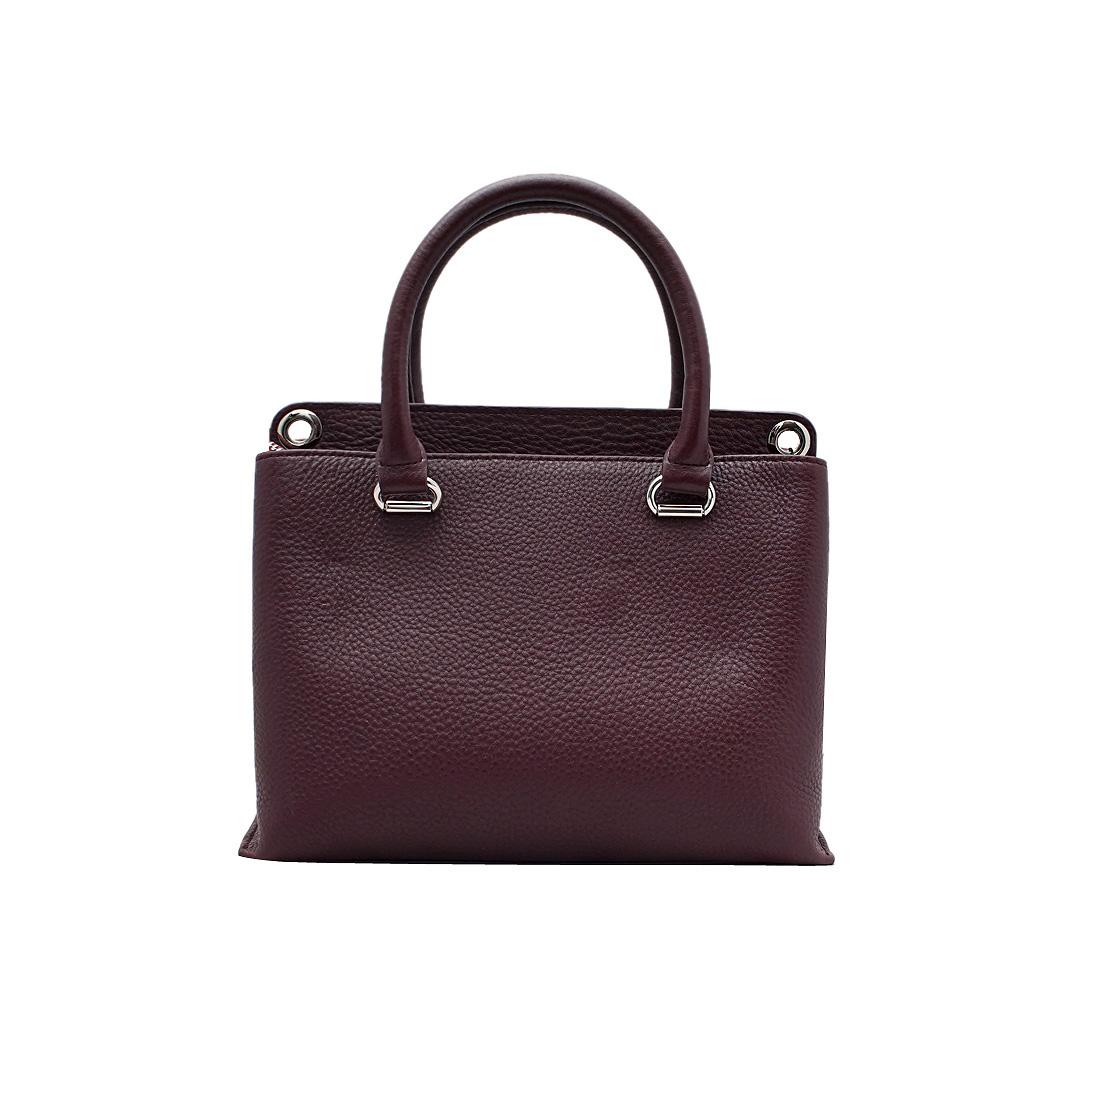 Túi xách tay nữ ELMI da bò thật cao cấp màu đỏ đậm EB68